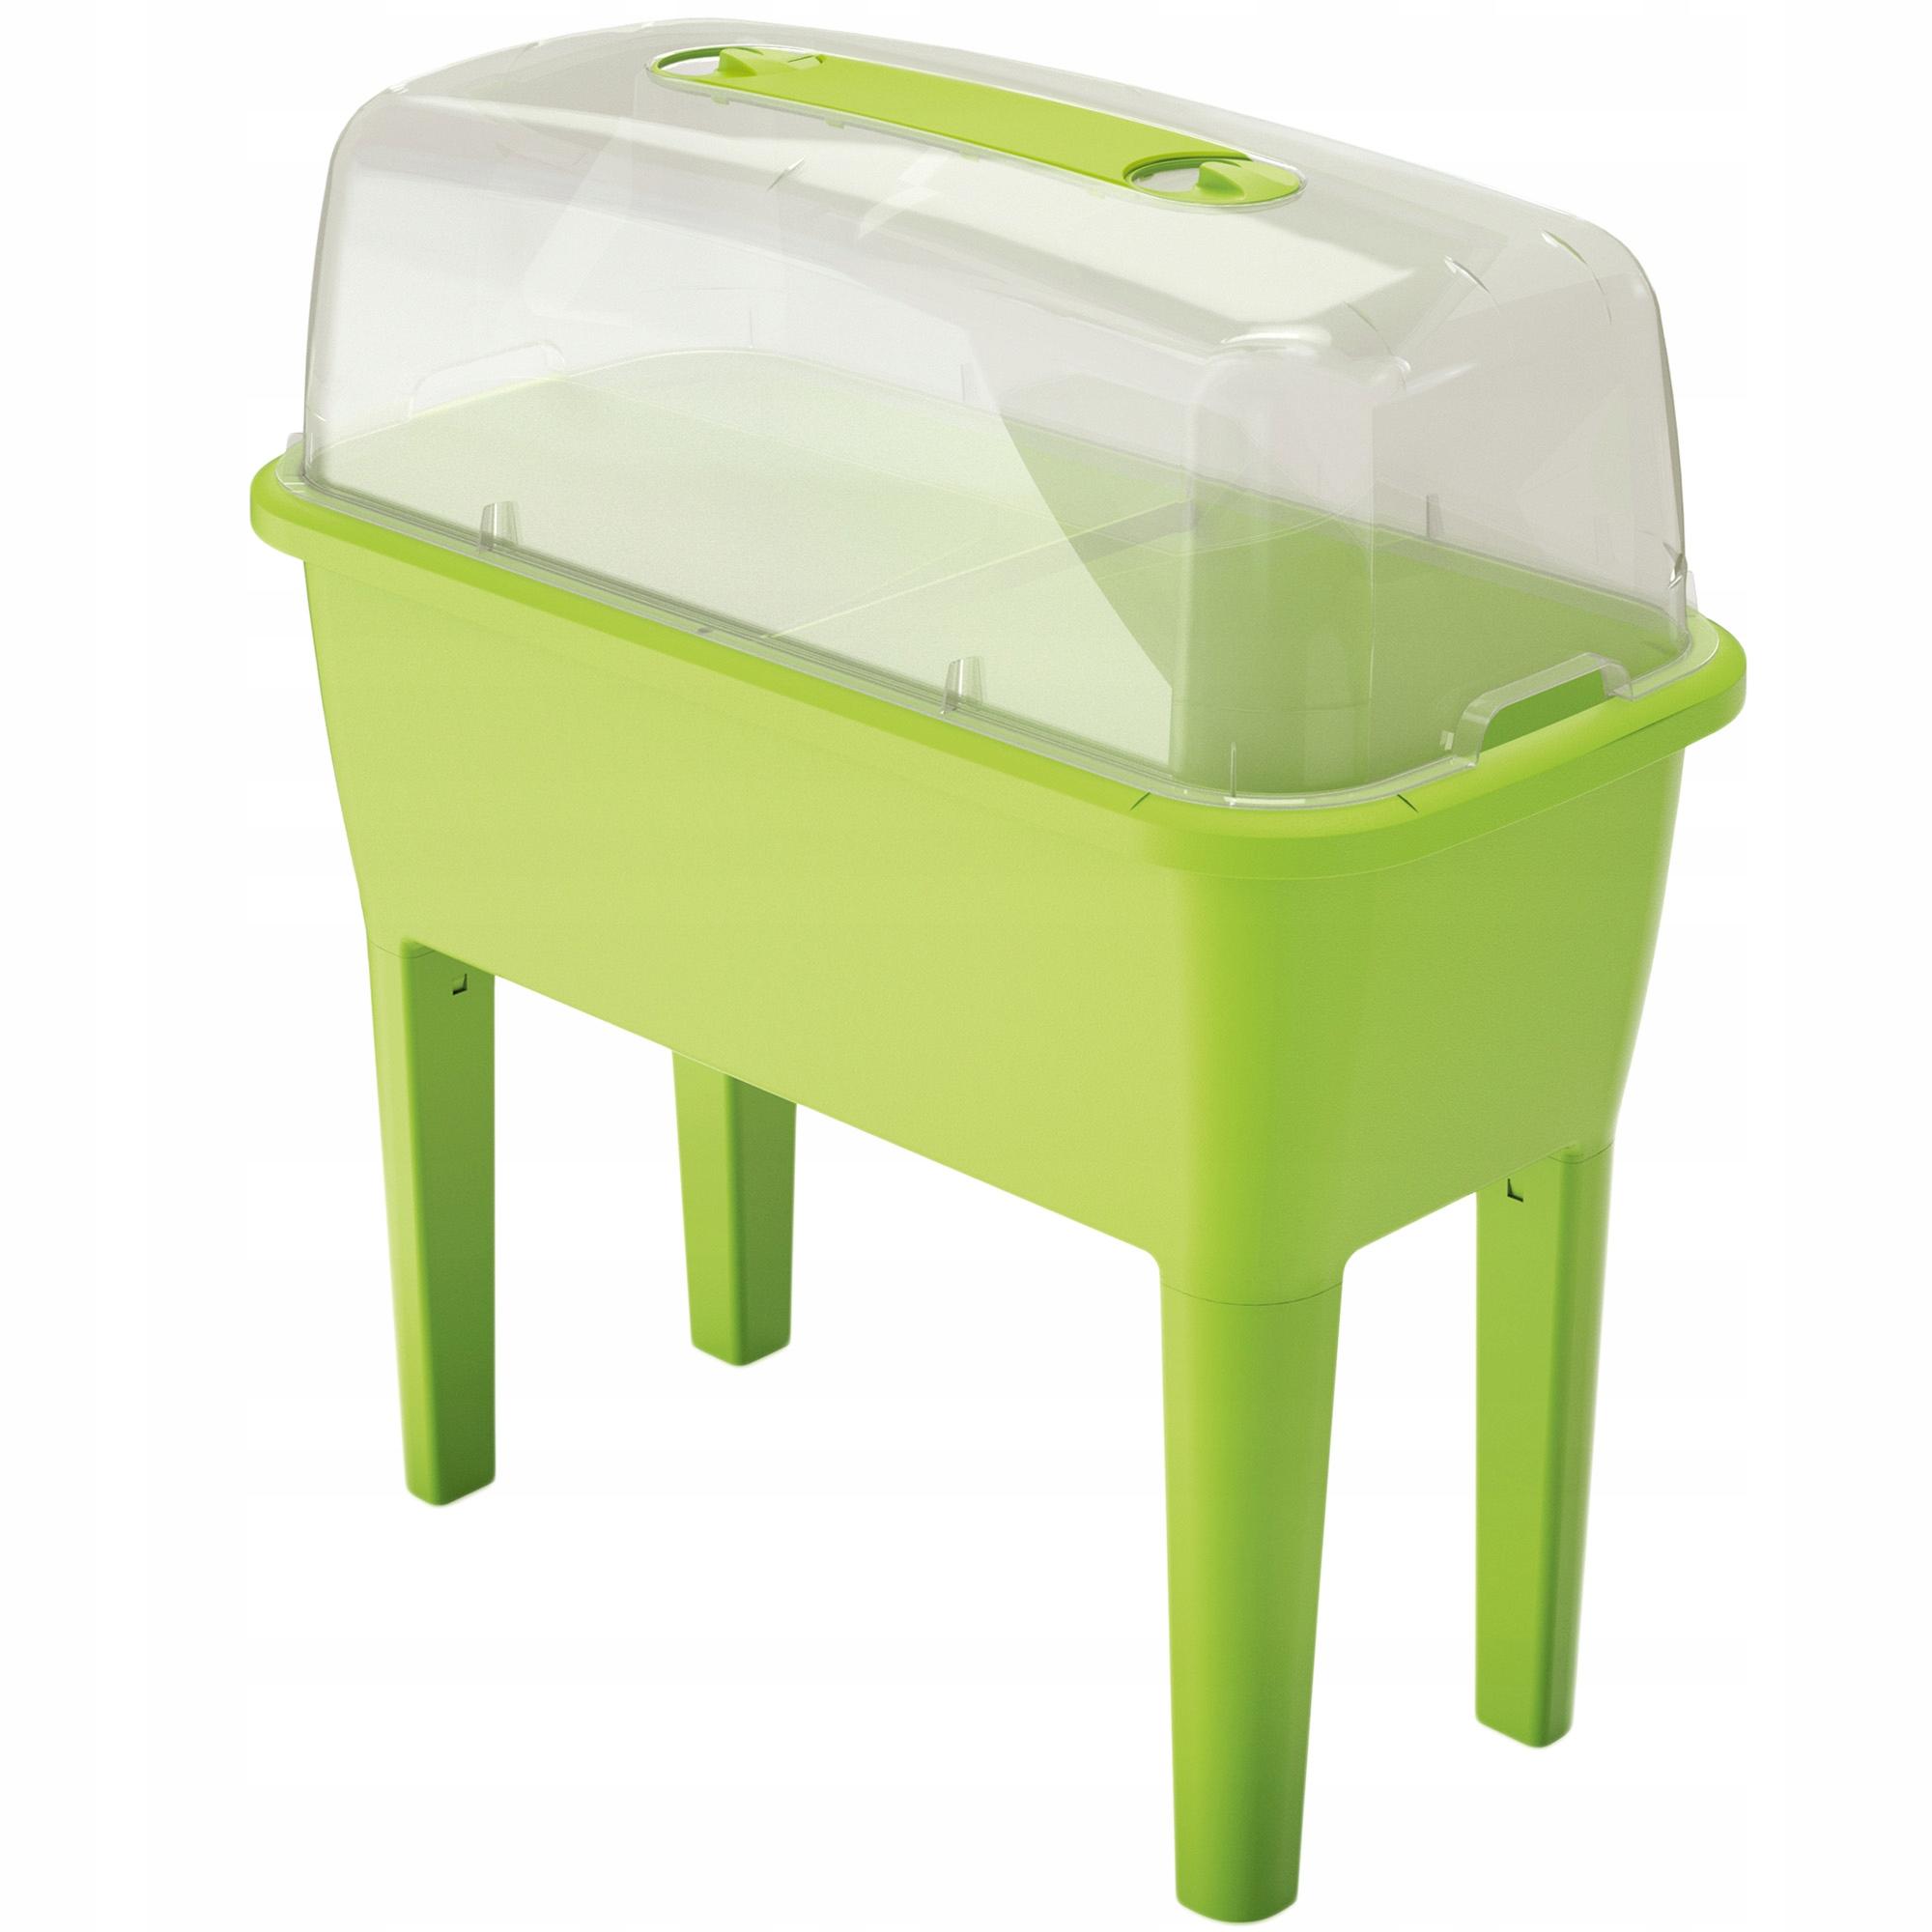 Greenhouse Balkón Skontrolujte s veľkým zeleným hrncom